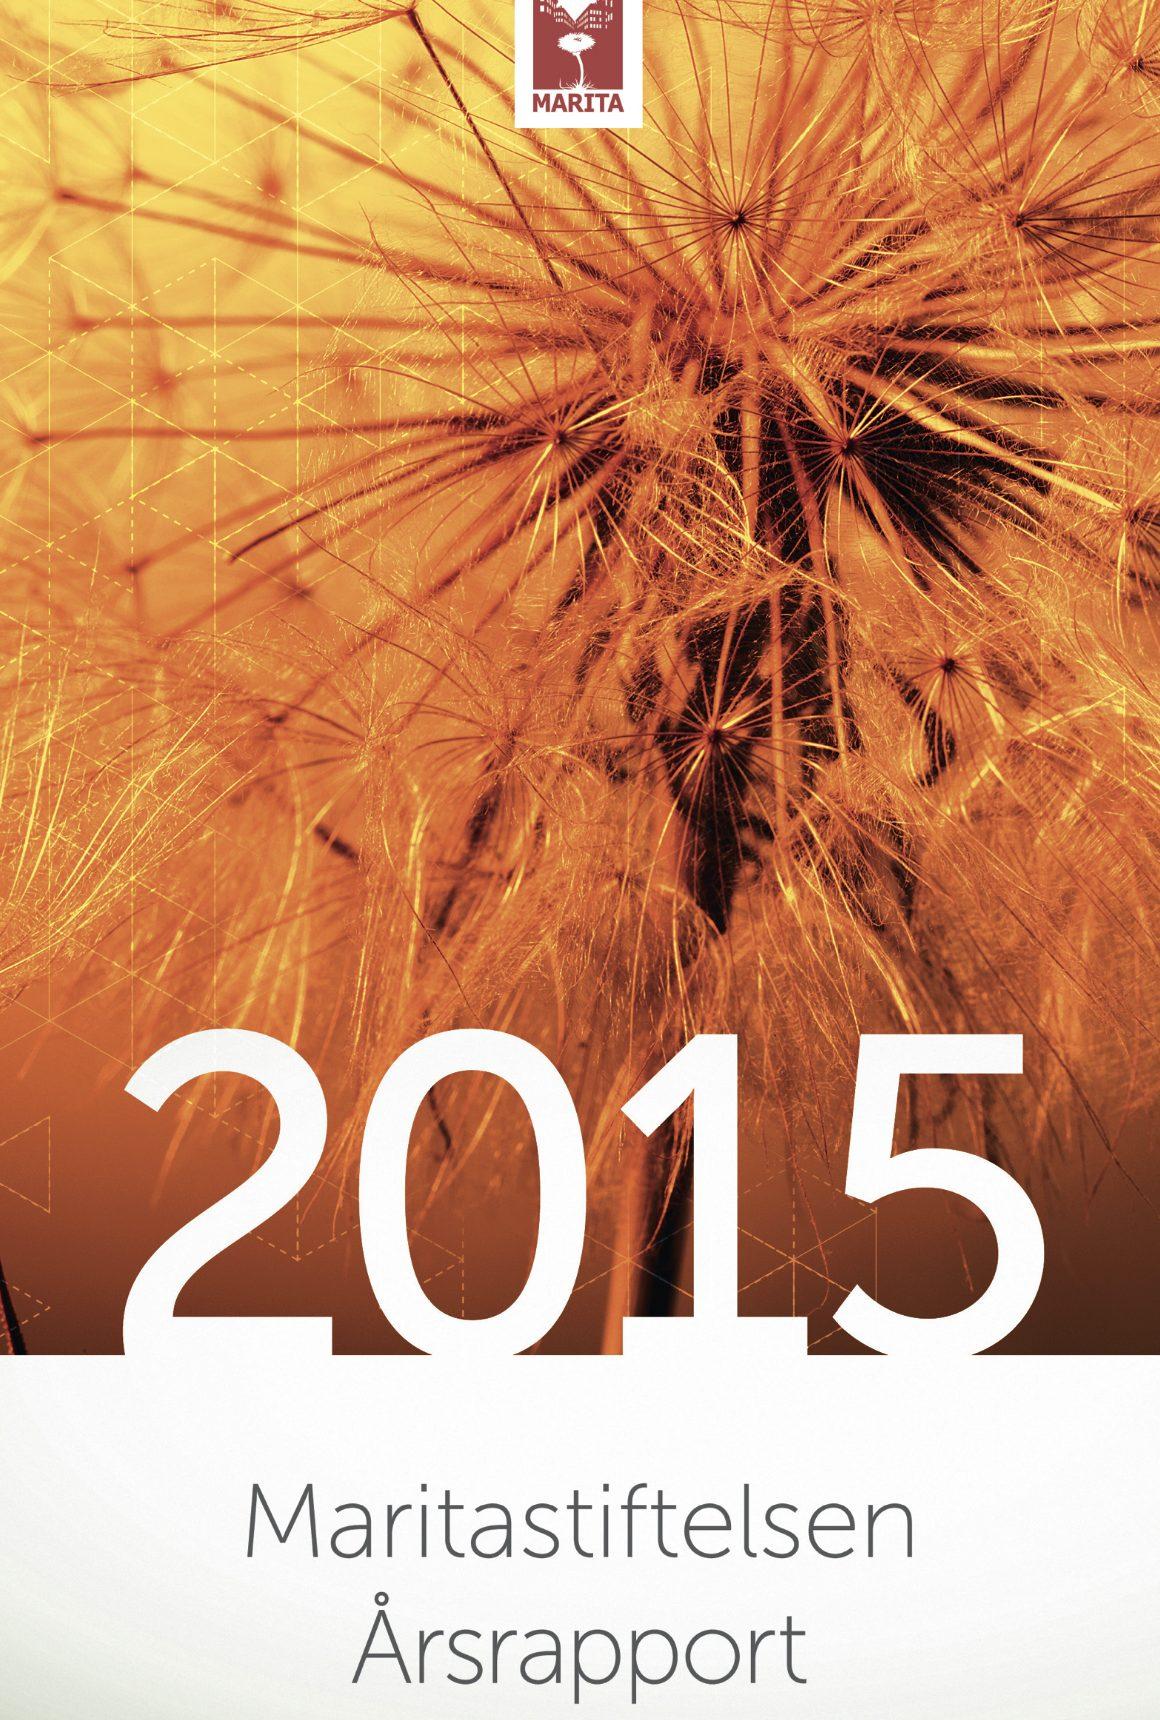 2015 Marita årsrapport